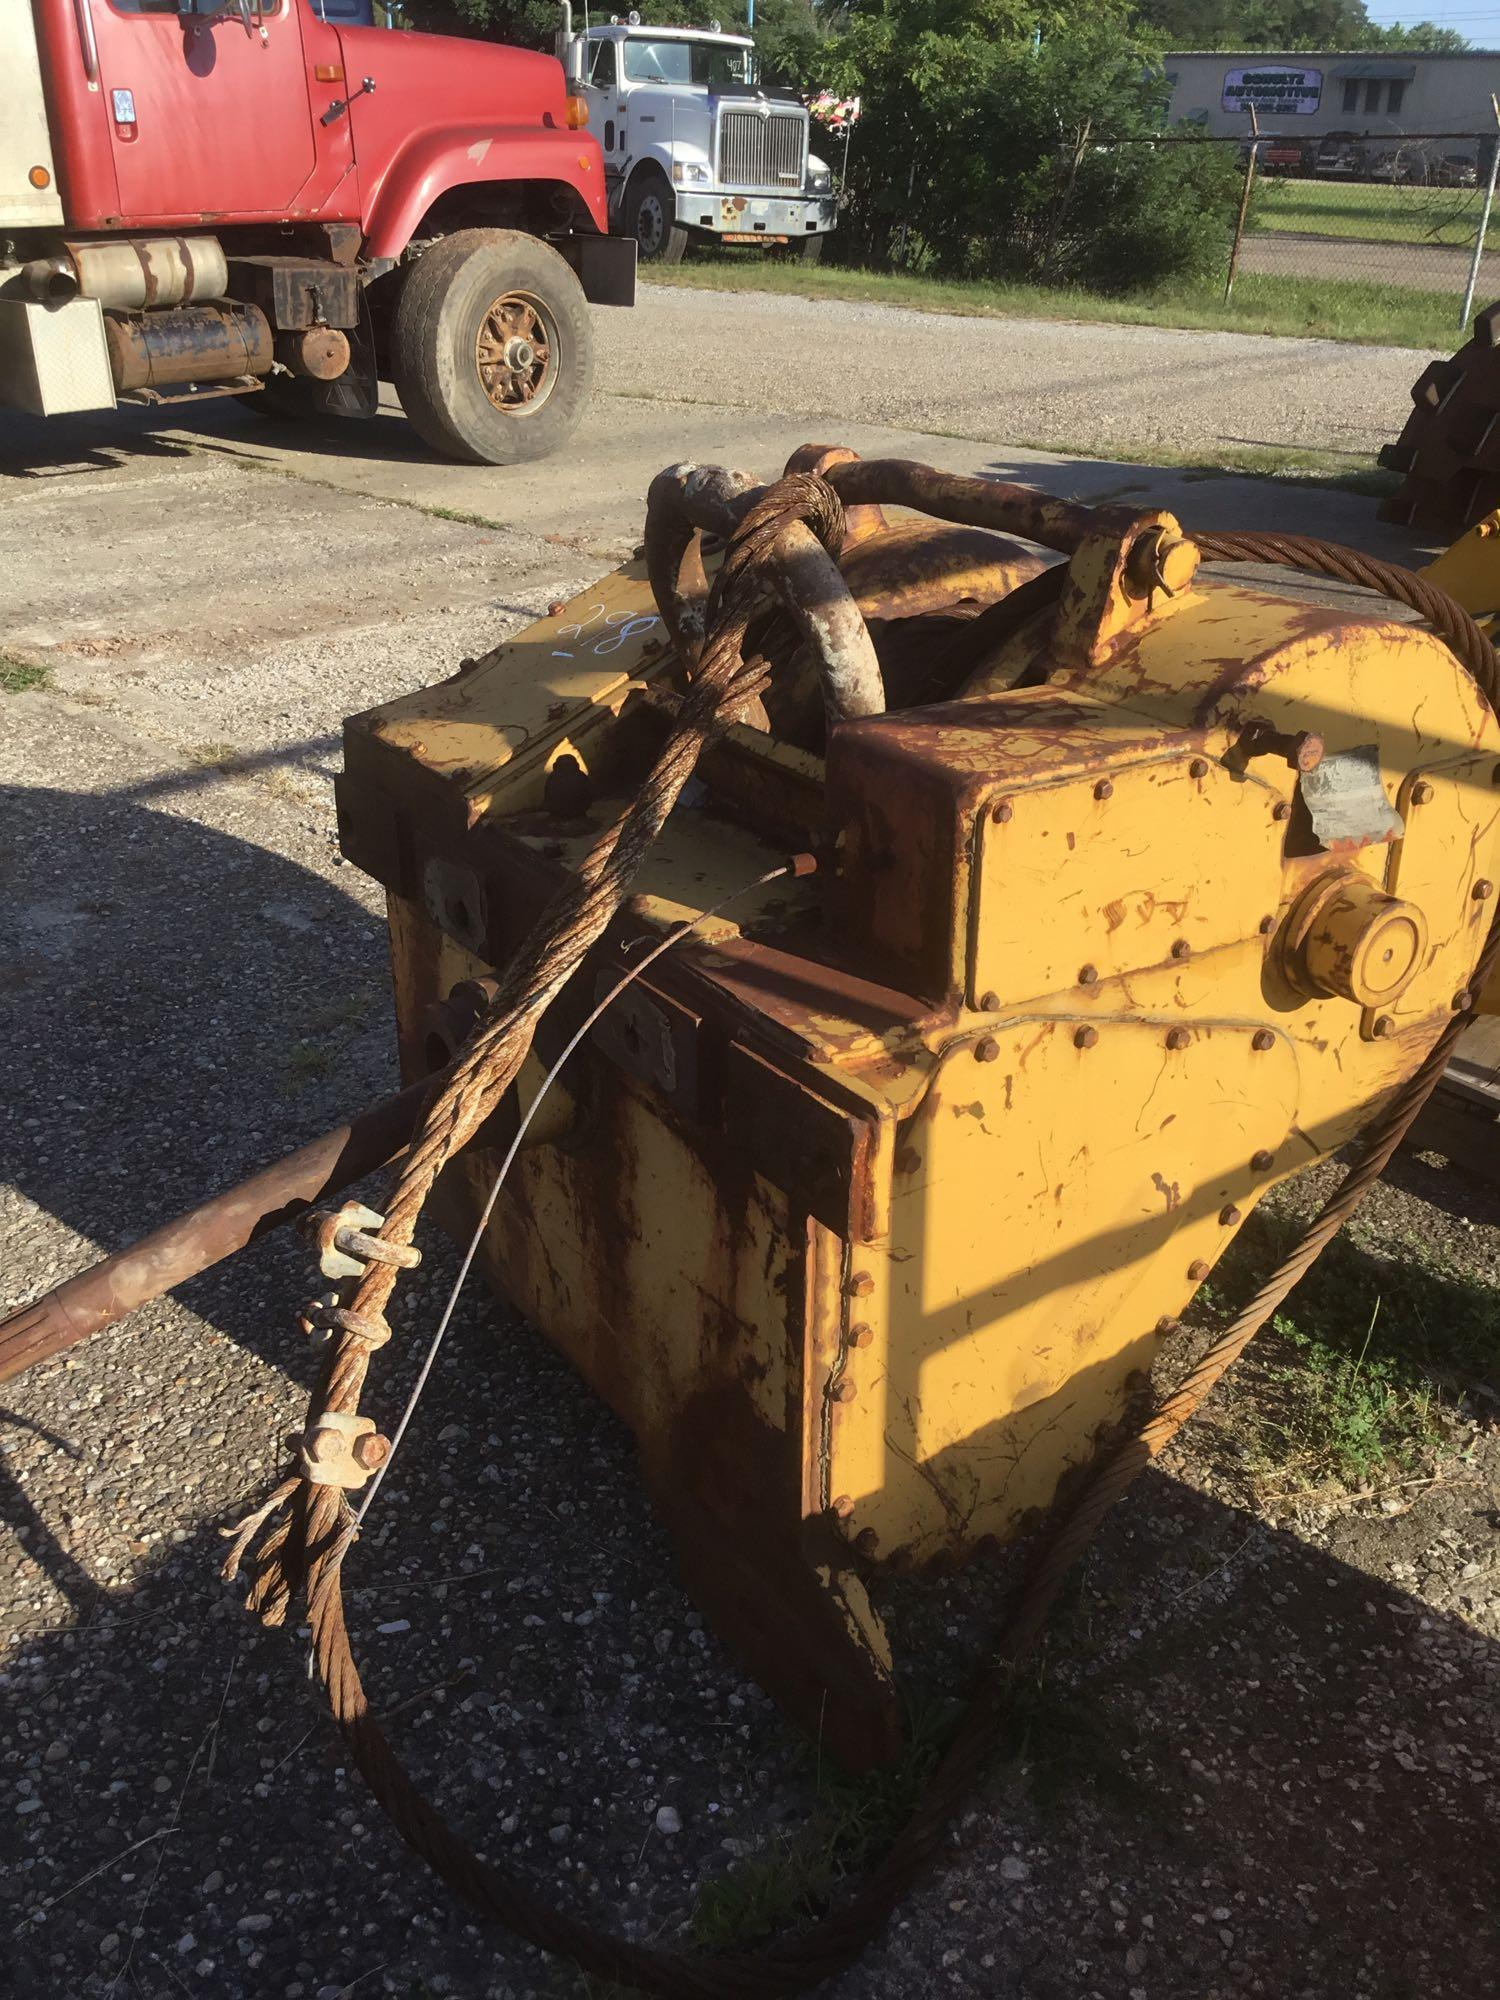 HYSTER W12F WINCH CRAWLER TRACTOR ATTACHMENT